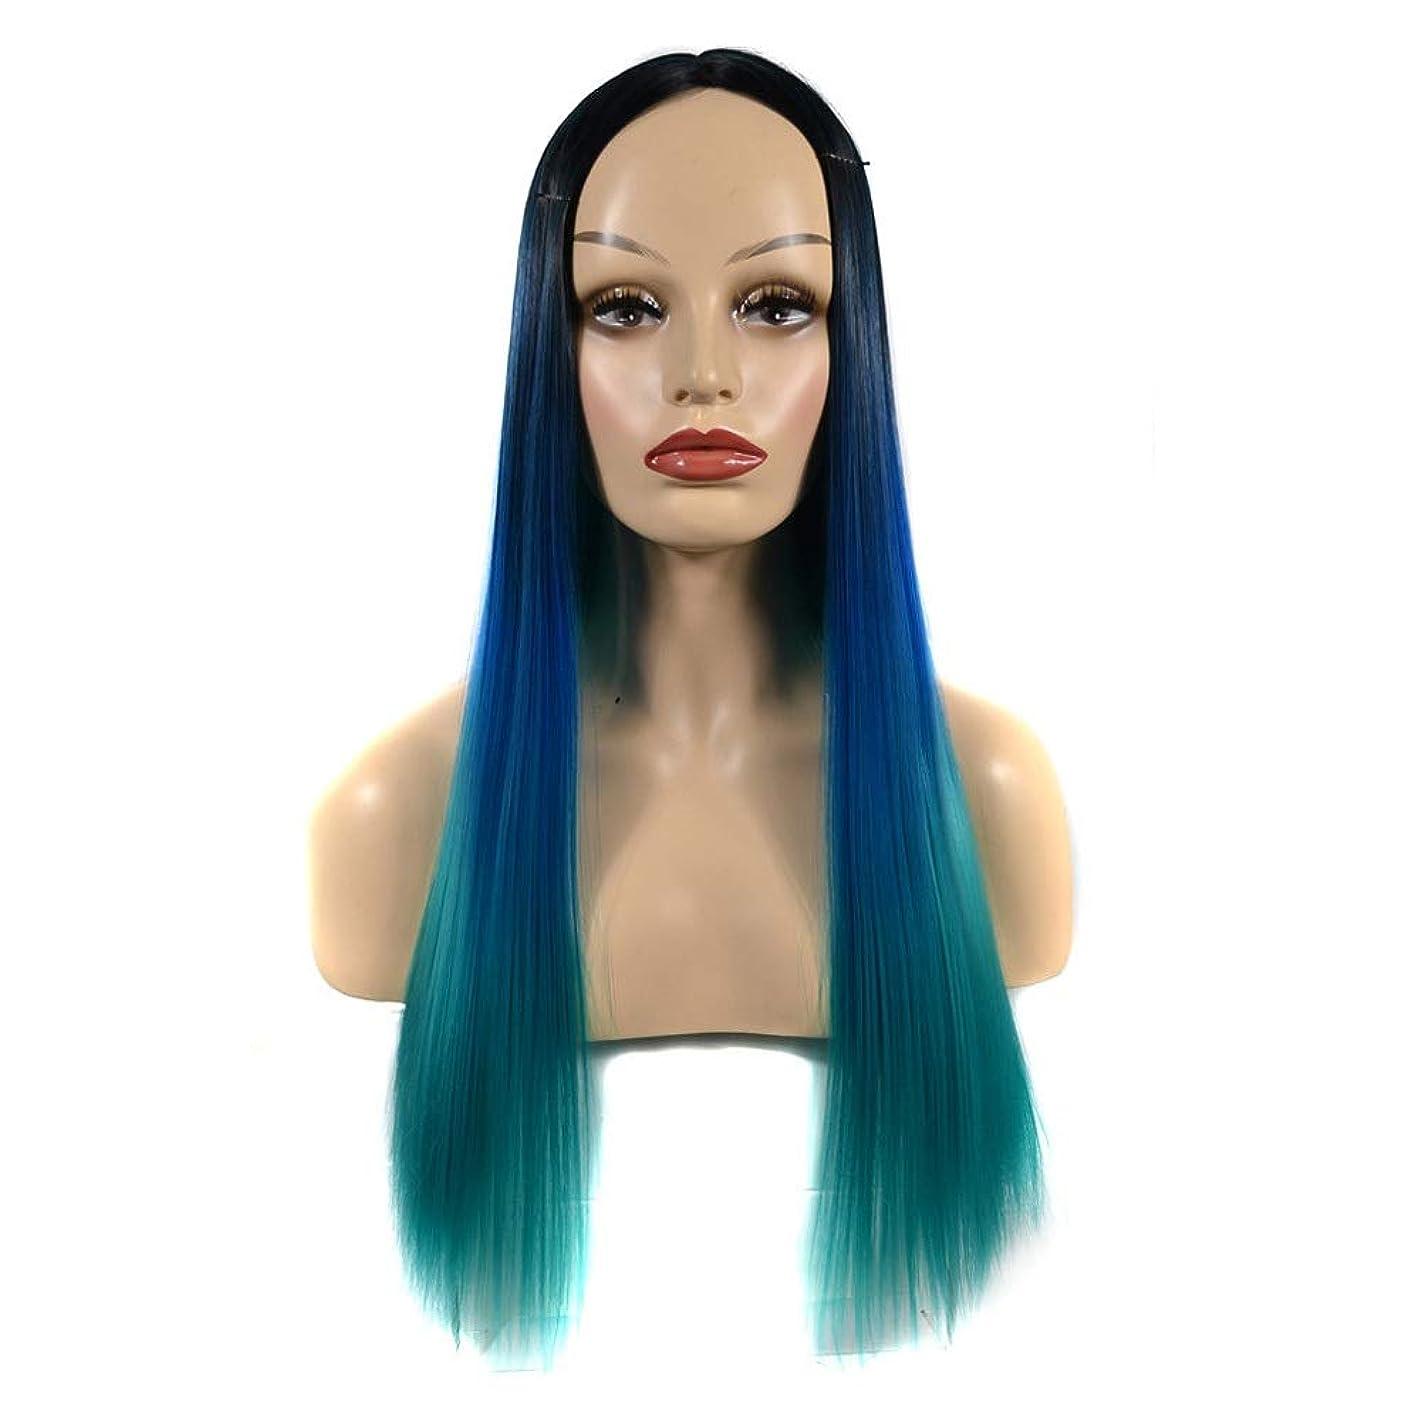 寄付交渉する締め切りHOHYLLYA 女性のストレートフルウィッグロングピーコックグリーンヘアウィッグエレガントなレディパーティーデイリードレスパーティーウィッグ (色 : オレンジ, サイズ : 60cm)